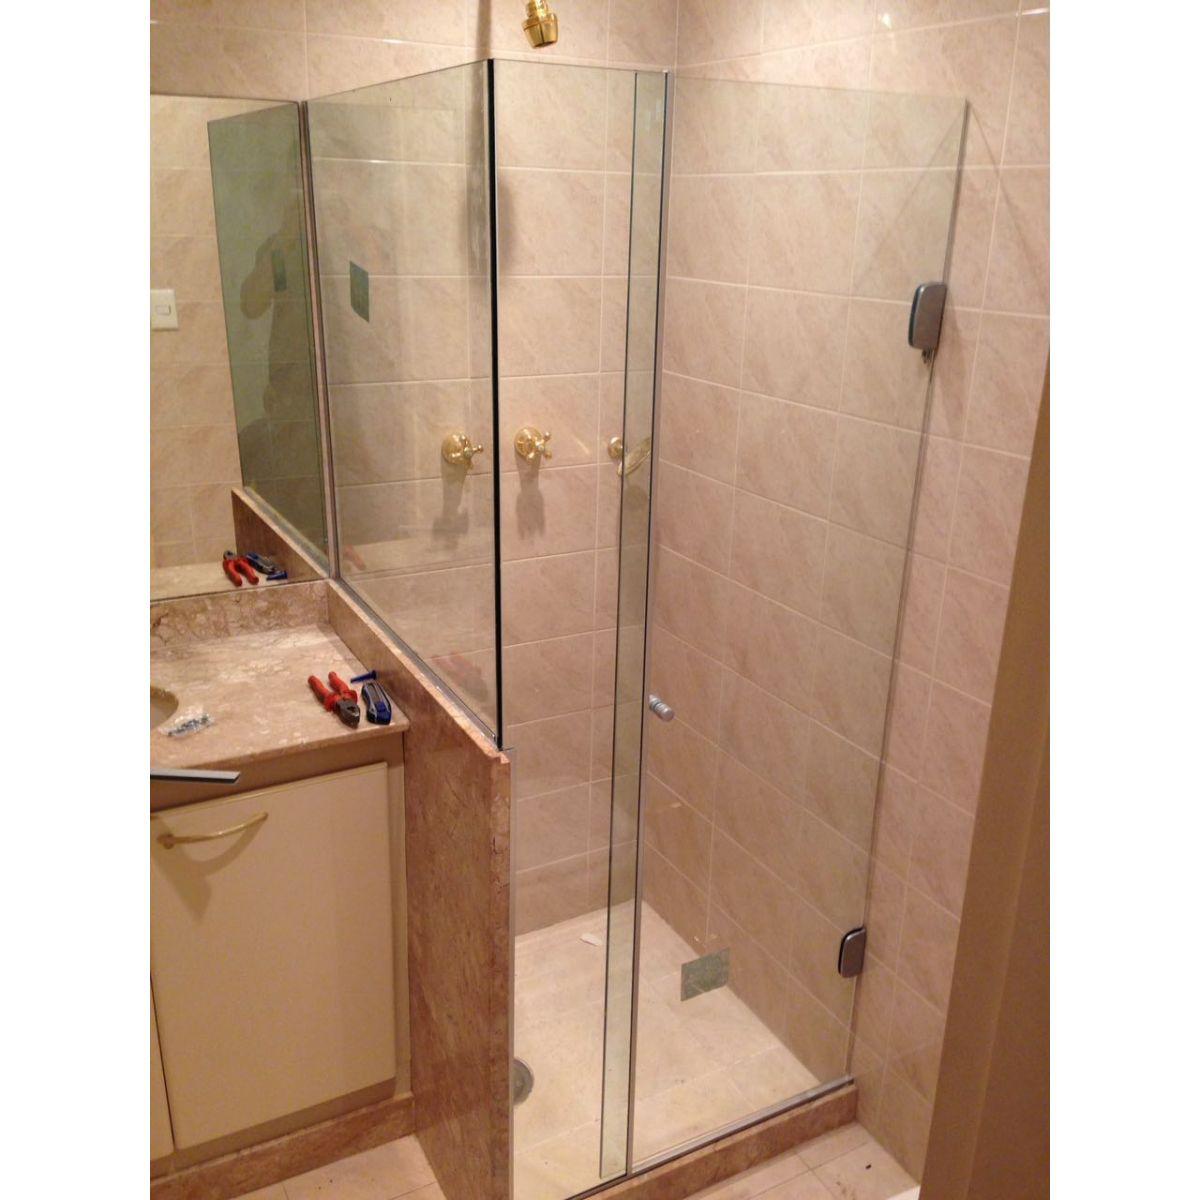 #A33328 Box Portas Janelas Basculas Varandas Espelhos Tampos e prateleiras  156 Janelas De Vidro Instalação